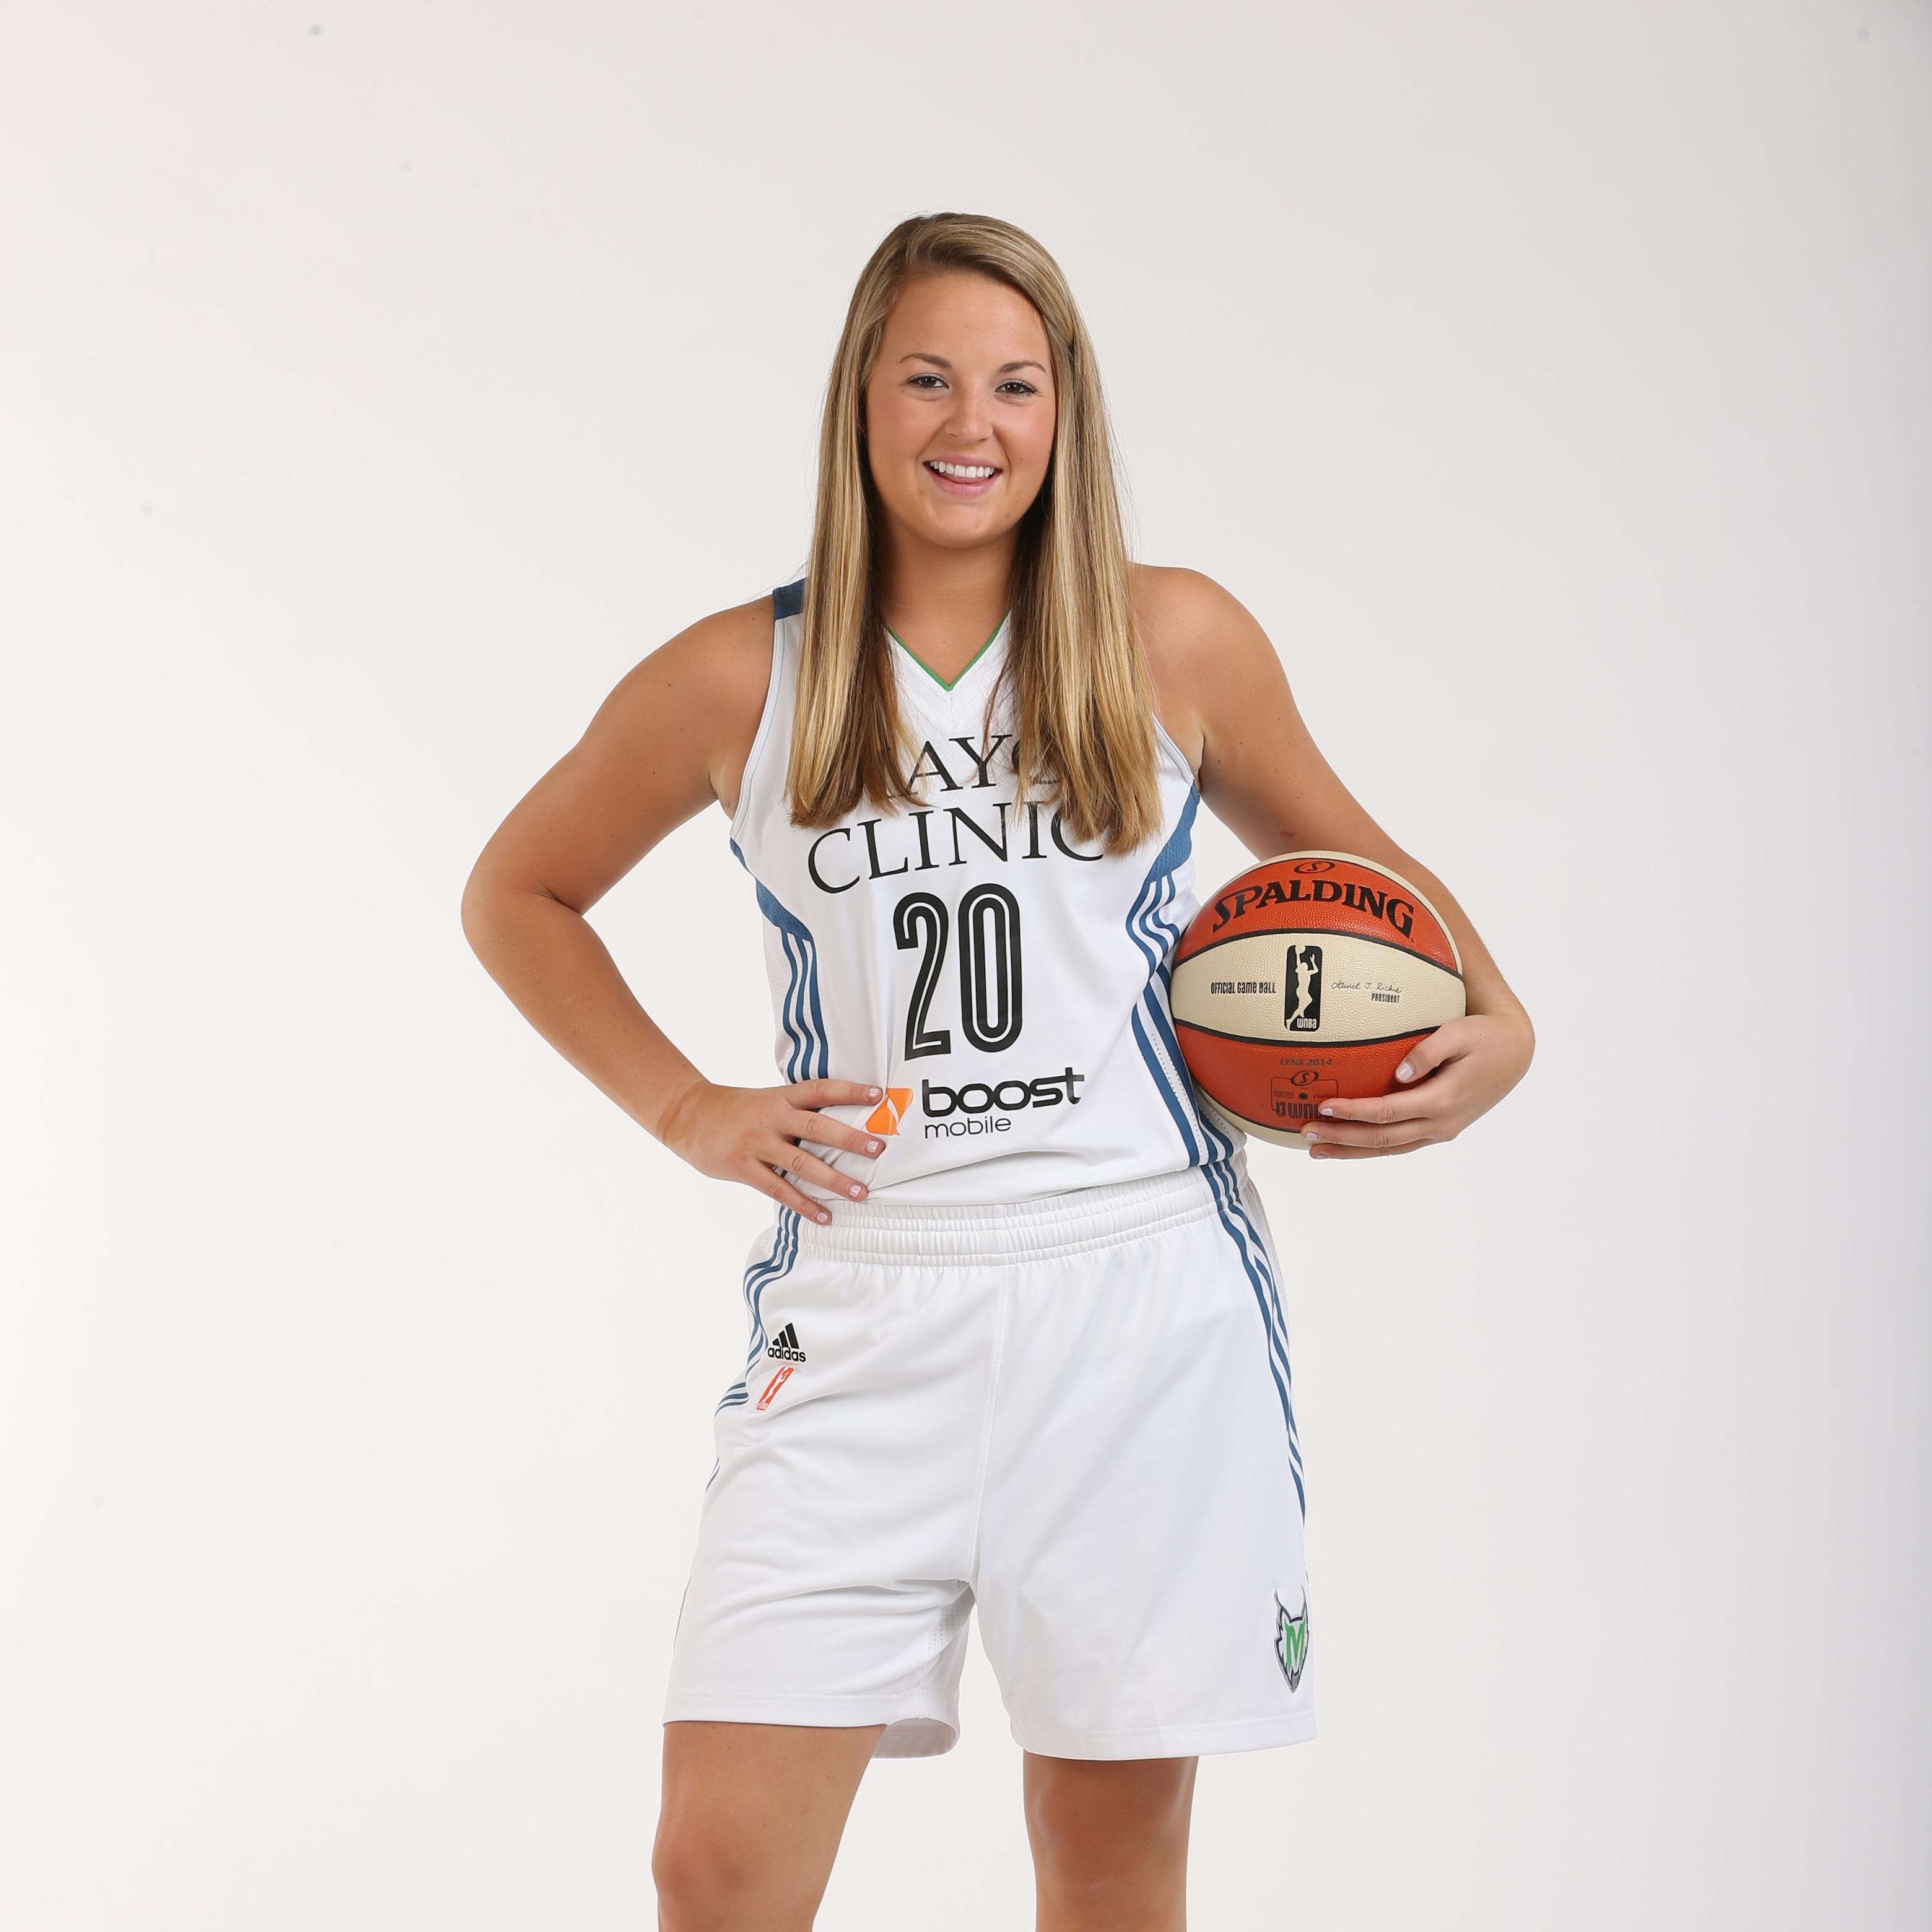 Tricia Liston, F, No. 12 pick